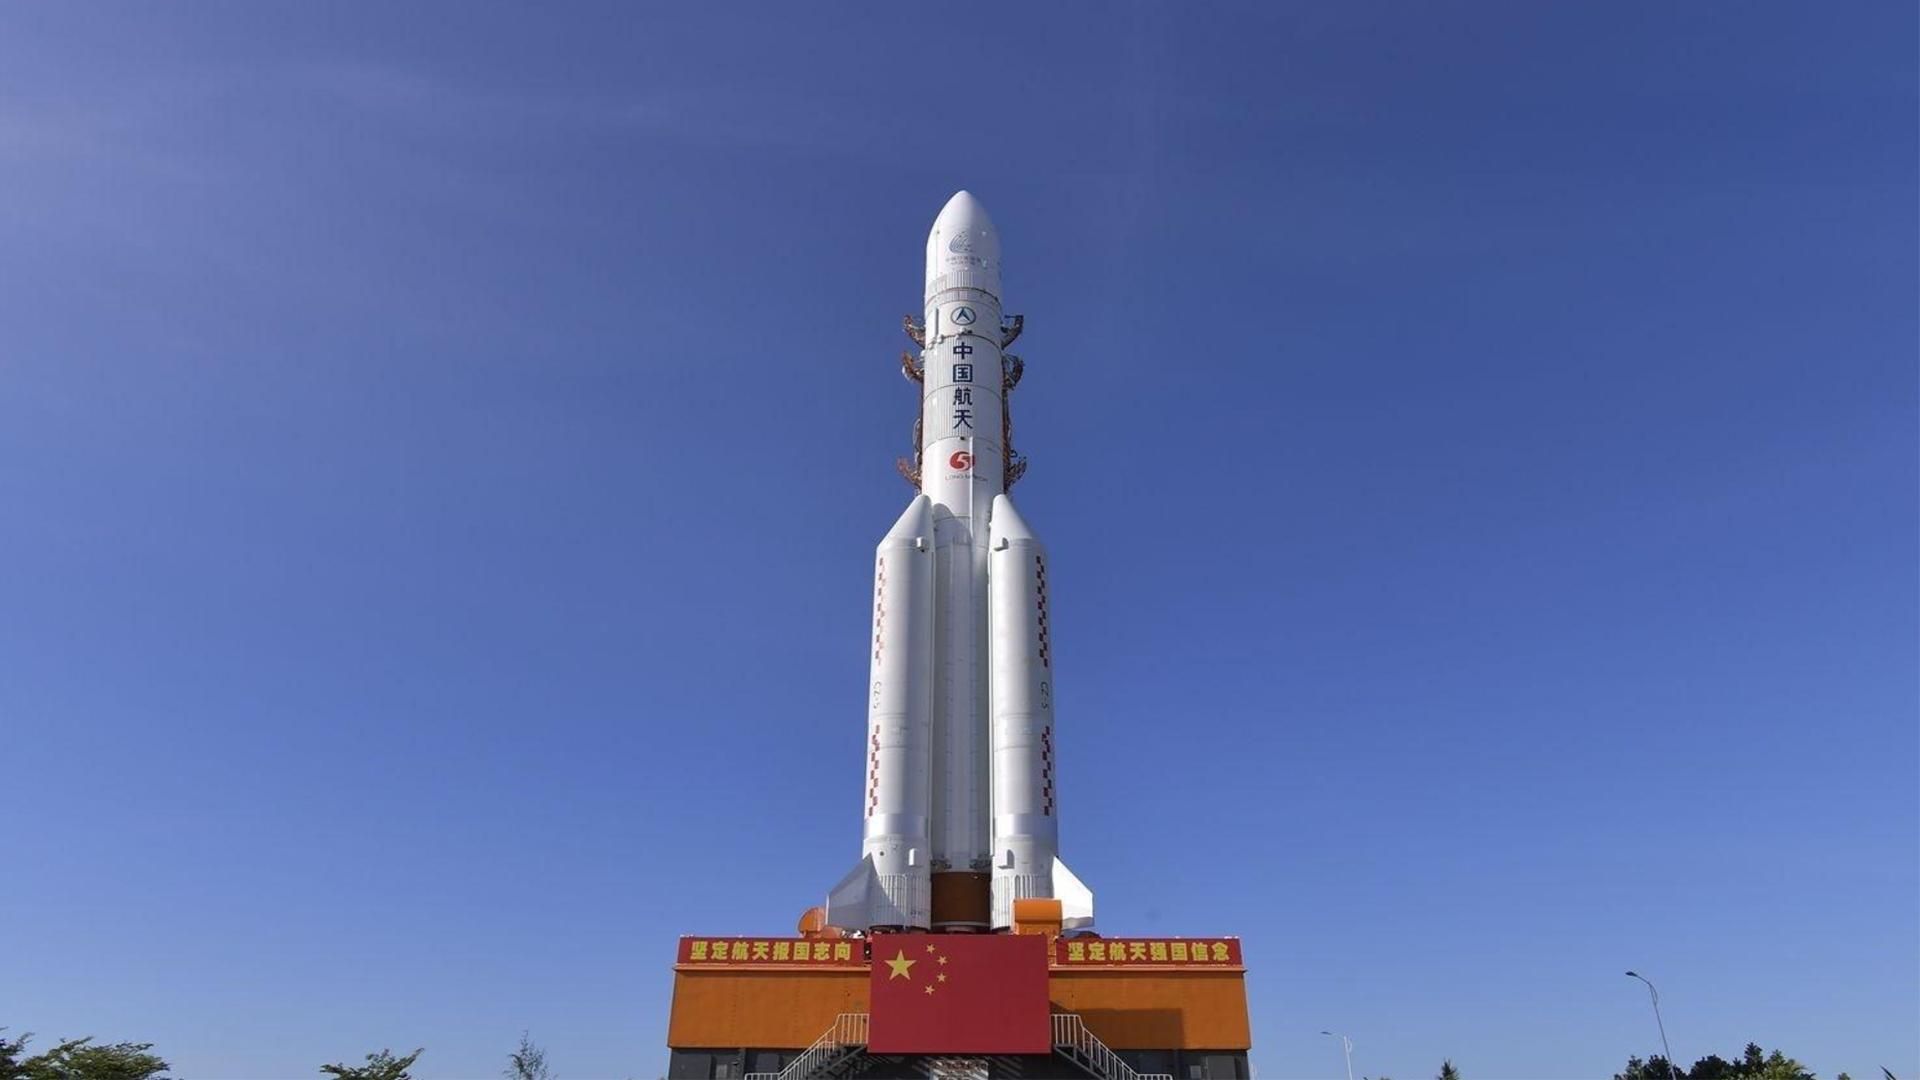 展現航天雄心 中國擬建設第五座航天發射場